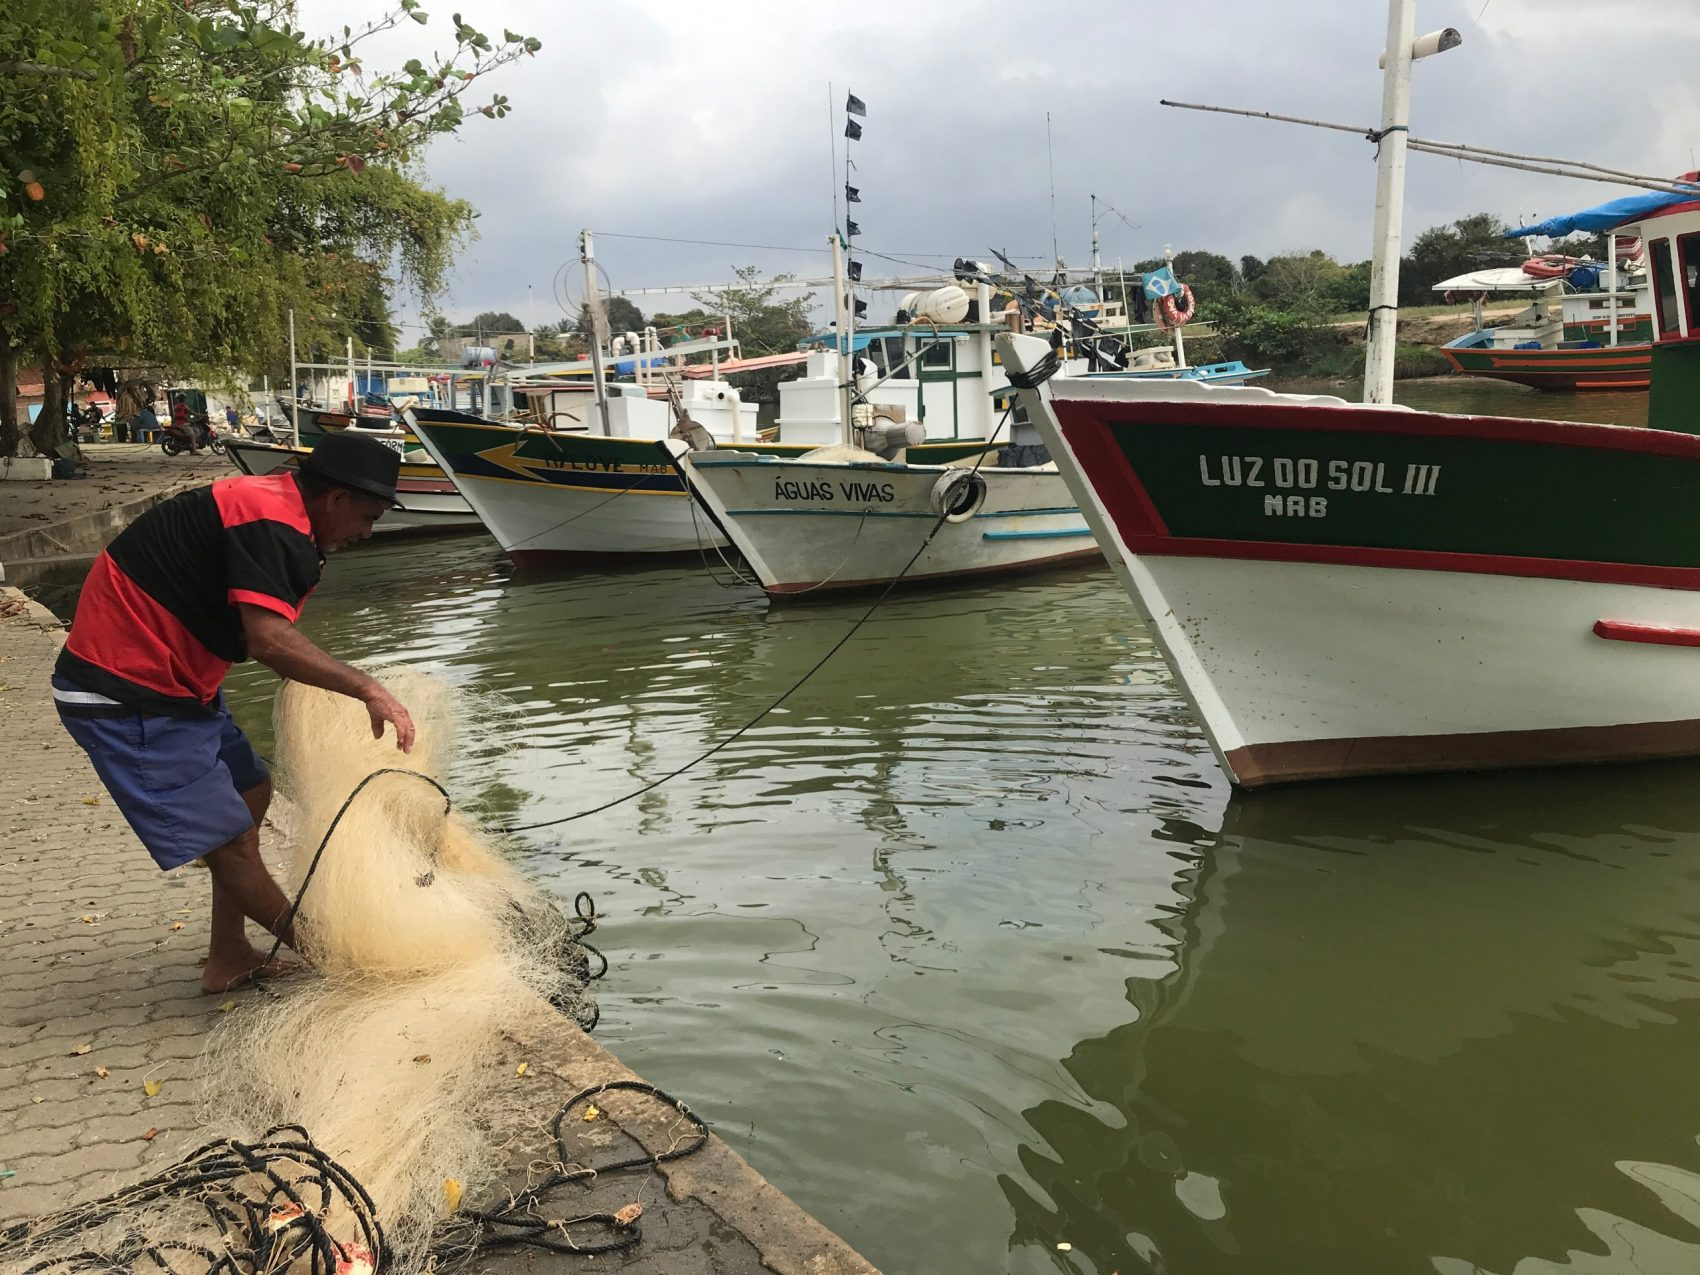 O pescador Nilson Ferreira e o drama de quem está sofrendo com a mudança climática: fechamento da foz do Rio Paraíba do Sul dificulta ainda mais a vida de quem vive da pesca (Foto: Carolina Gomes)